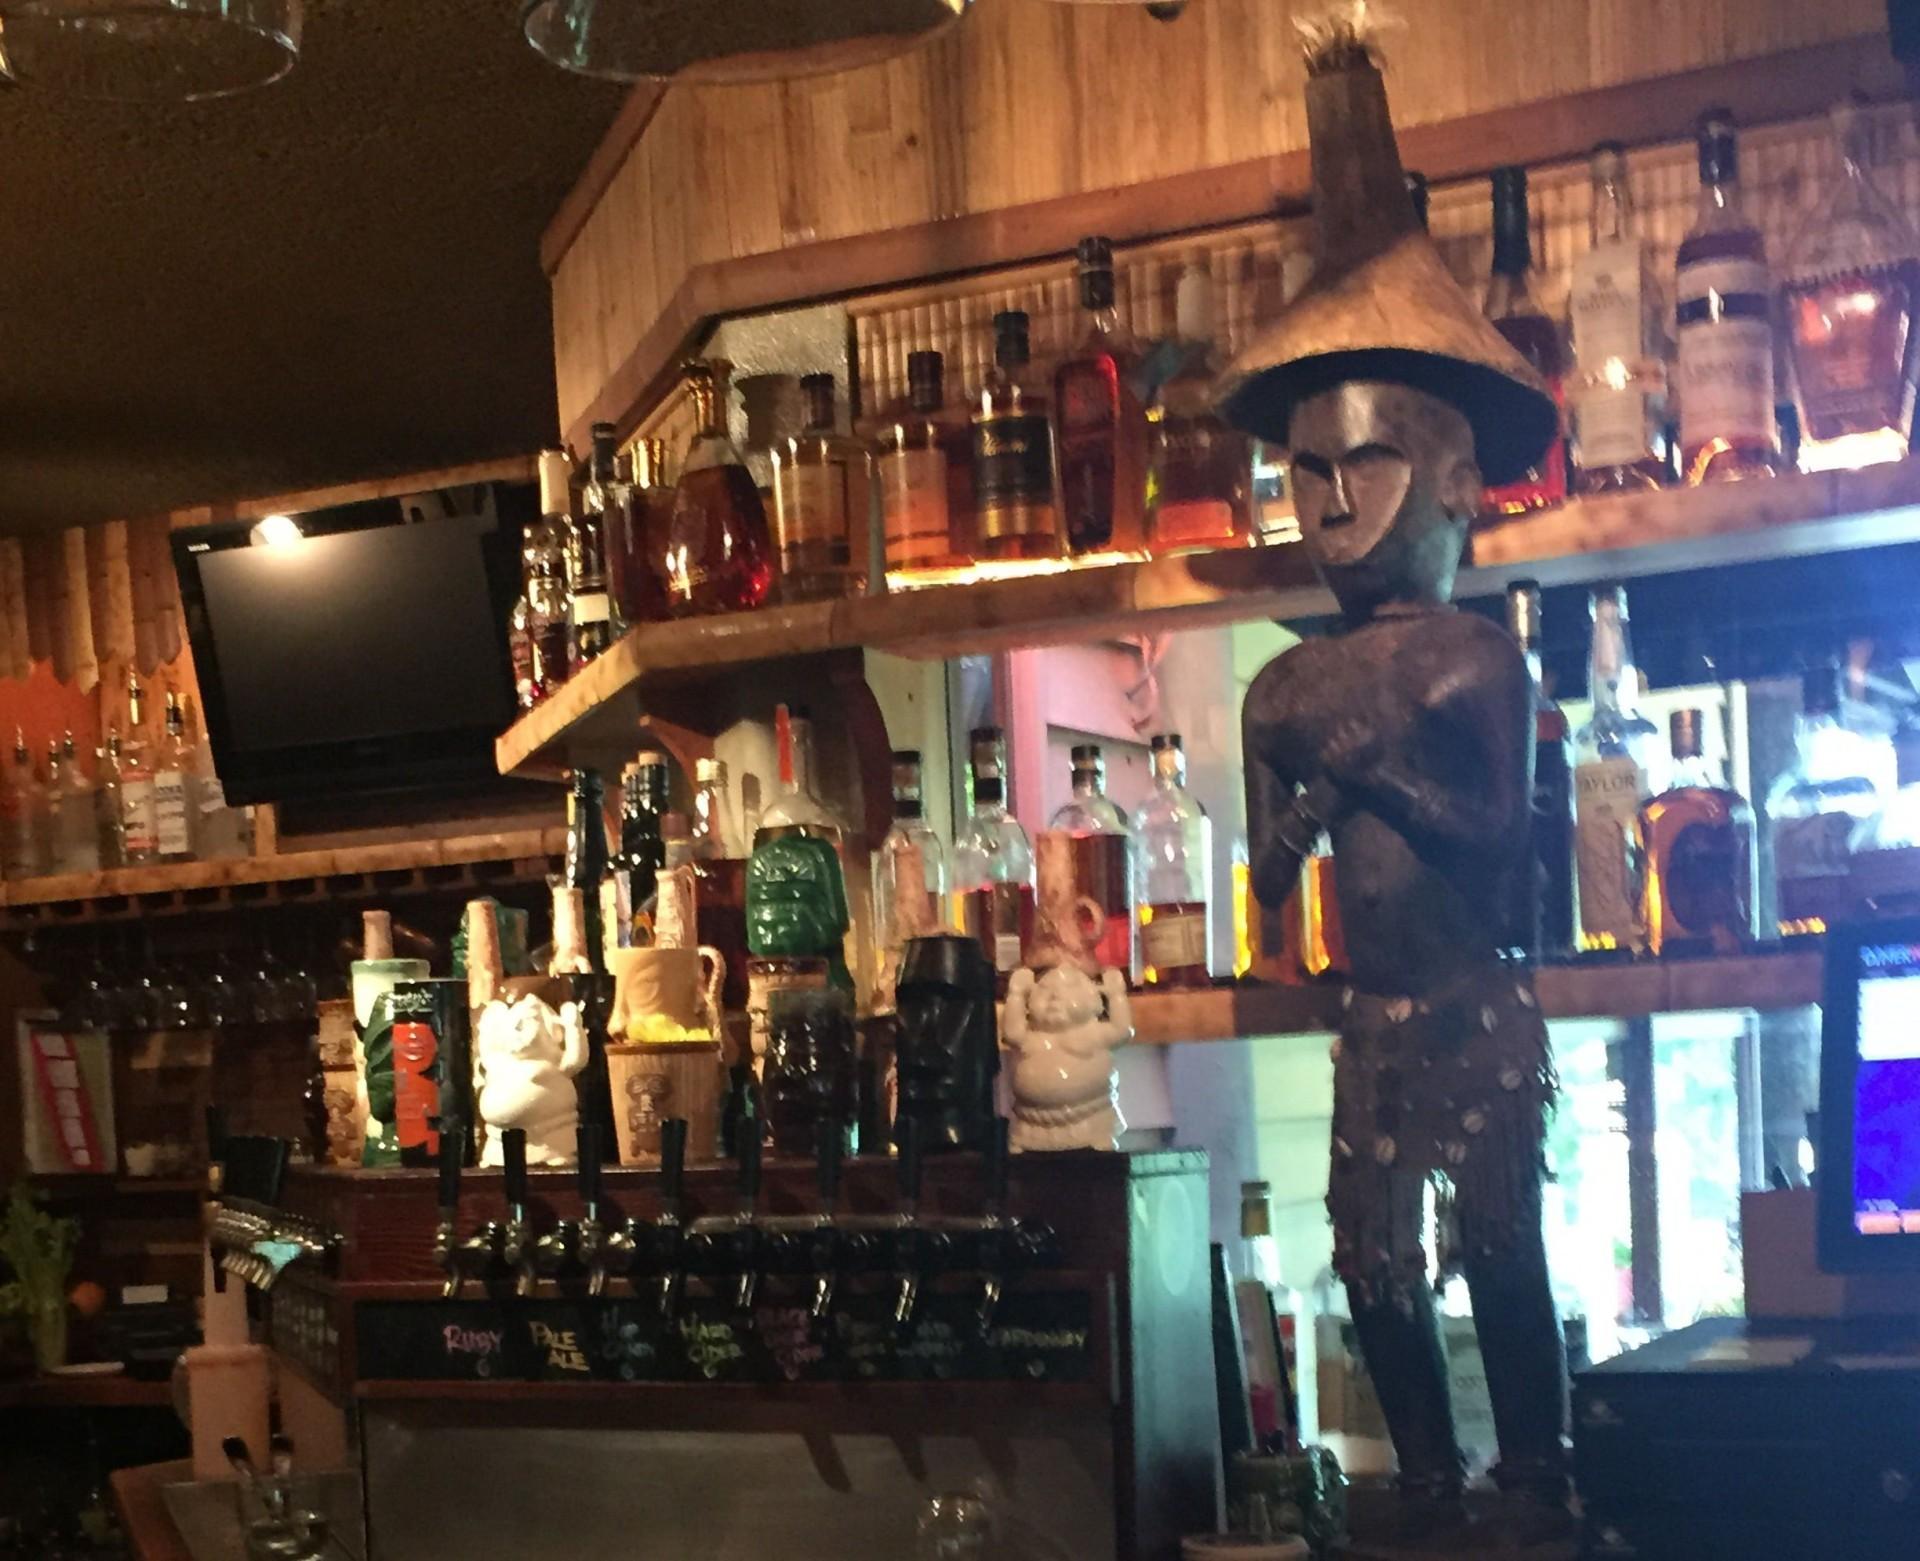 Behind the bar at Kapu Hut